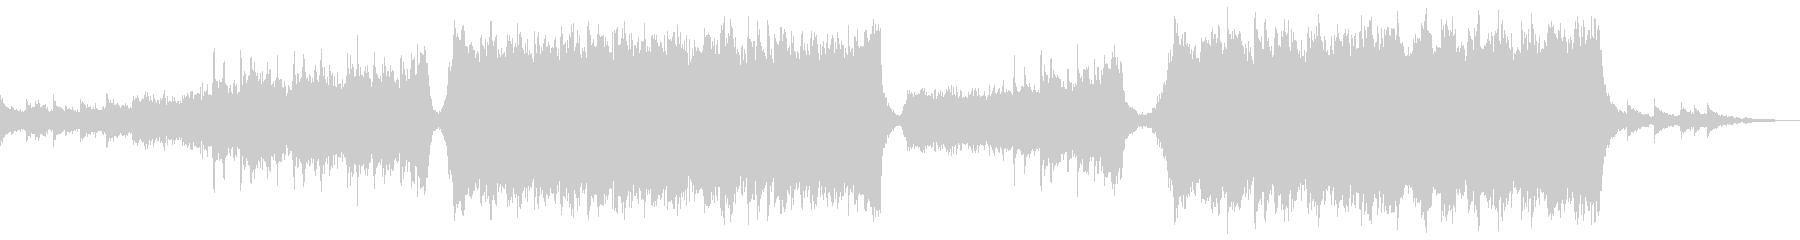 トレーラーの未再生の波形